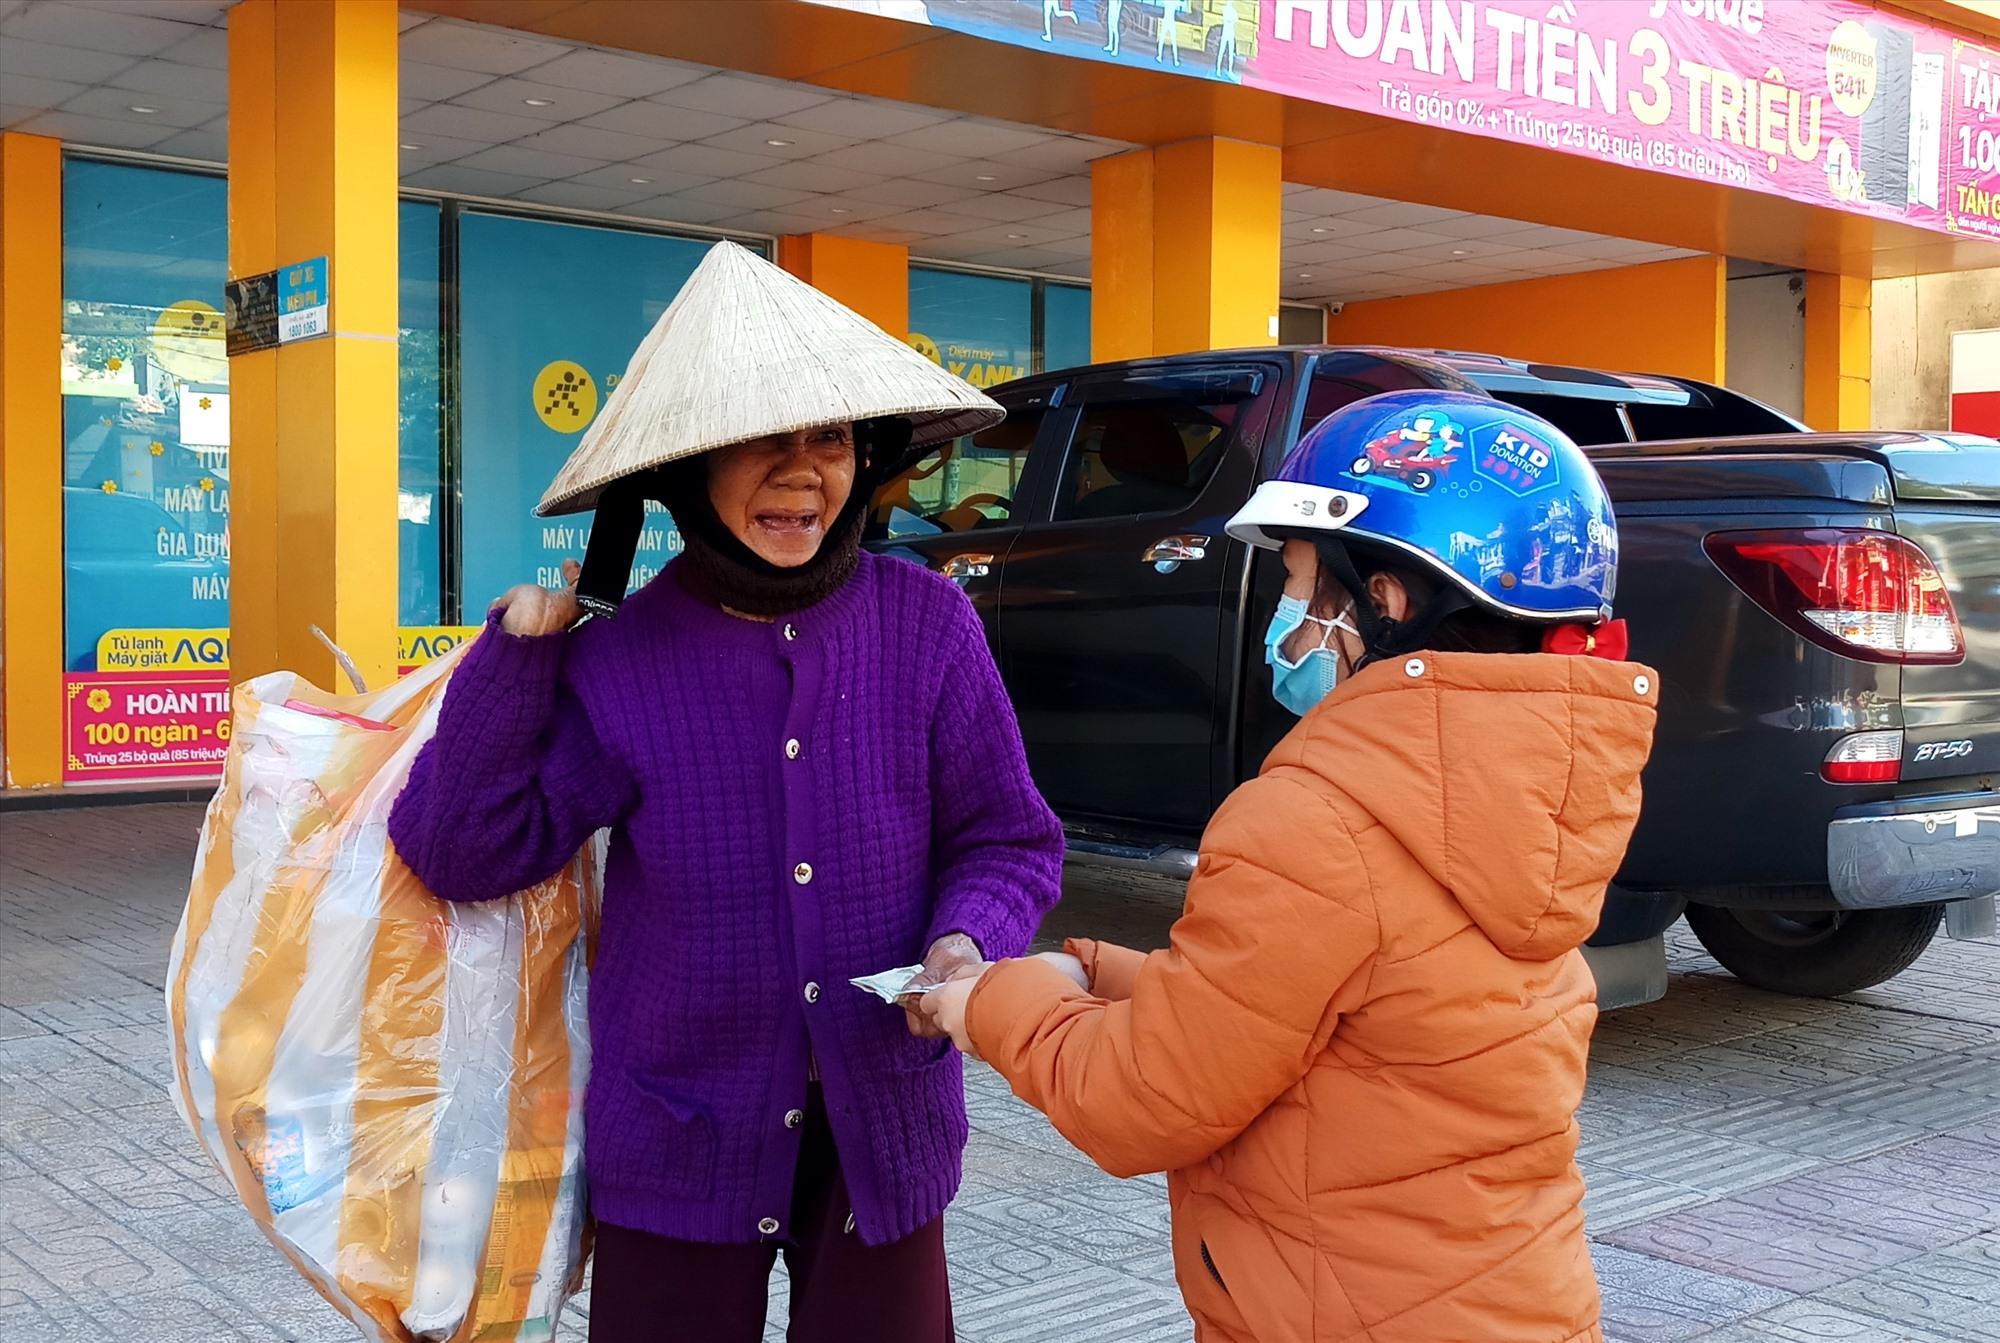 Niềm vui của một cụ bà ve chai khi nhận được lì xì từ một bé gái đi đường. Ảnh: Đ.N